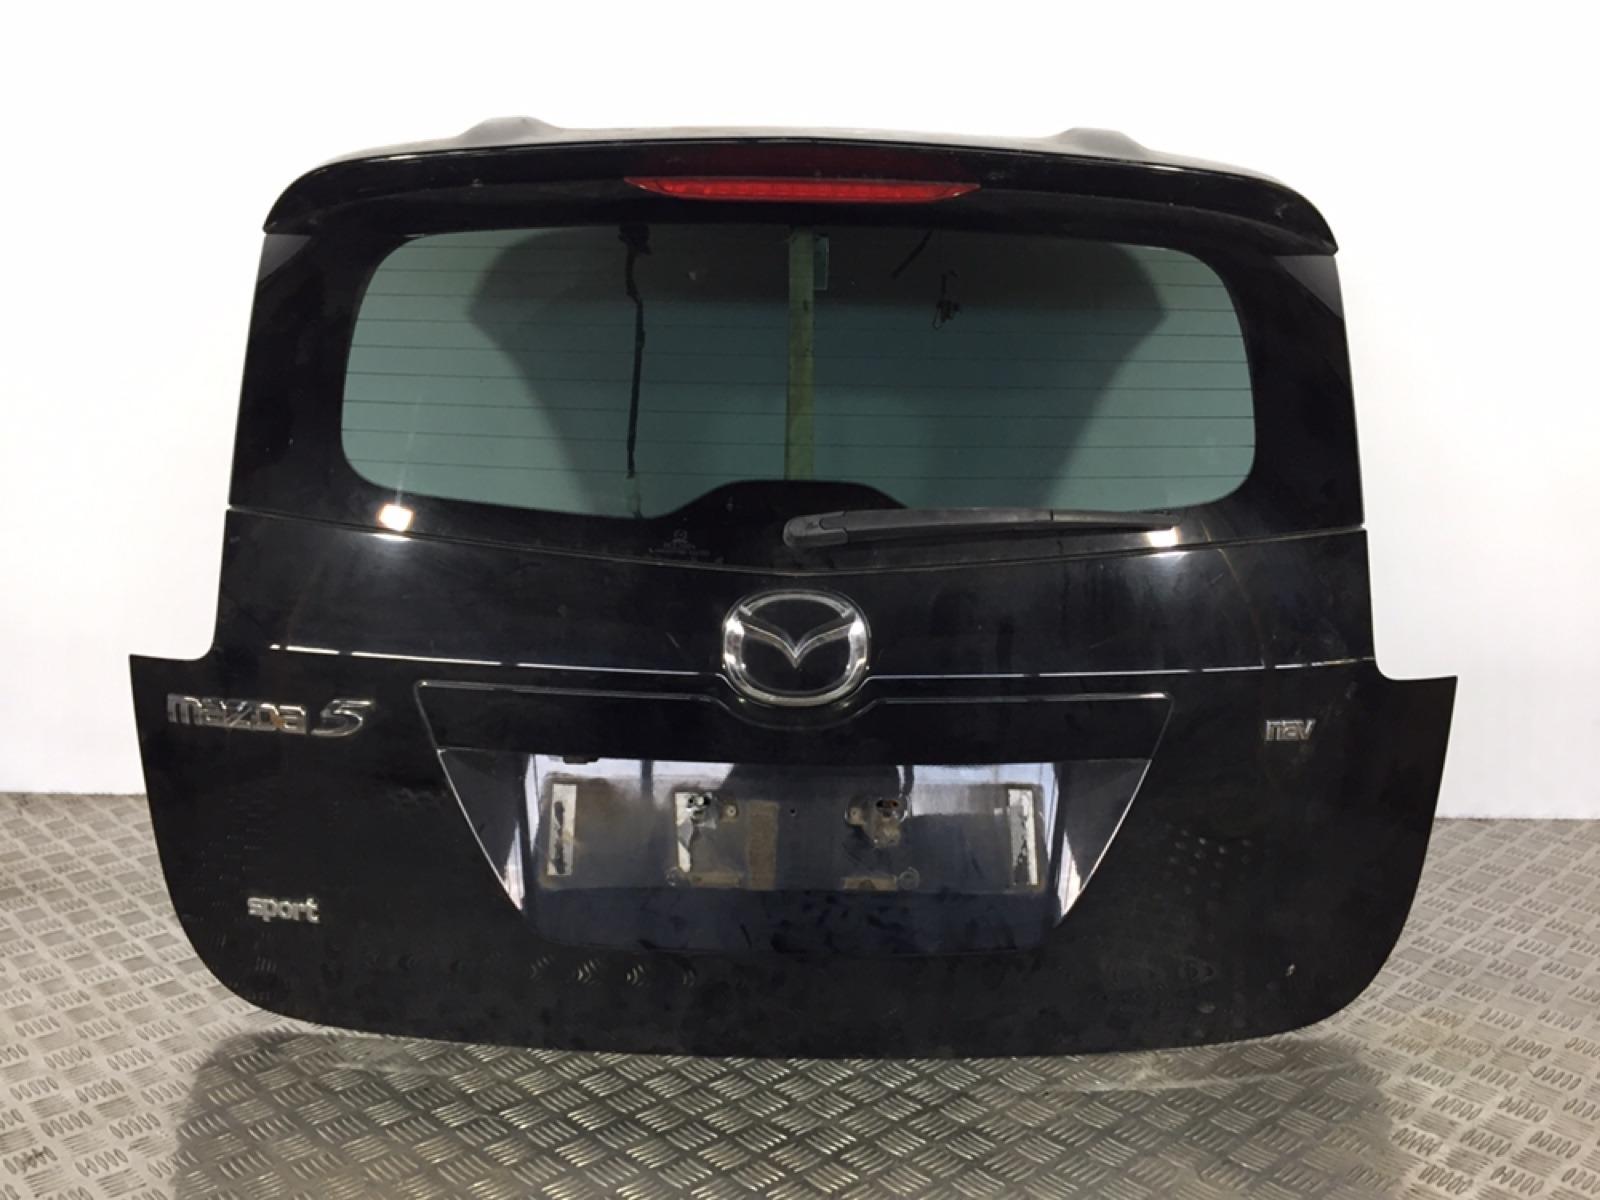 Моторчик заднего стеклоочистителя (дворника) Mazda 5 2.0 I 2007 (б/у)